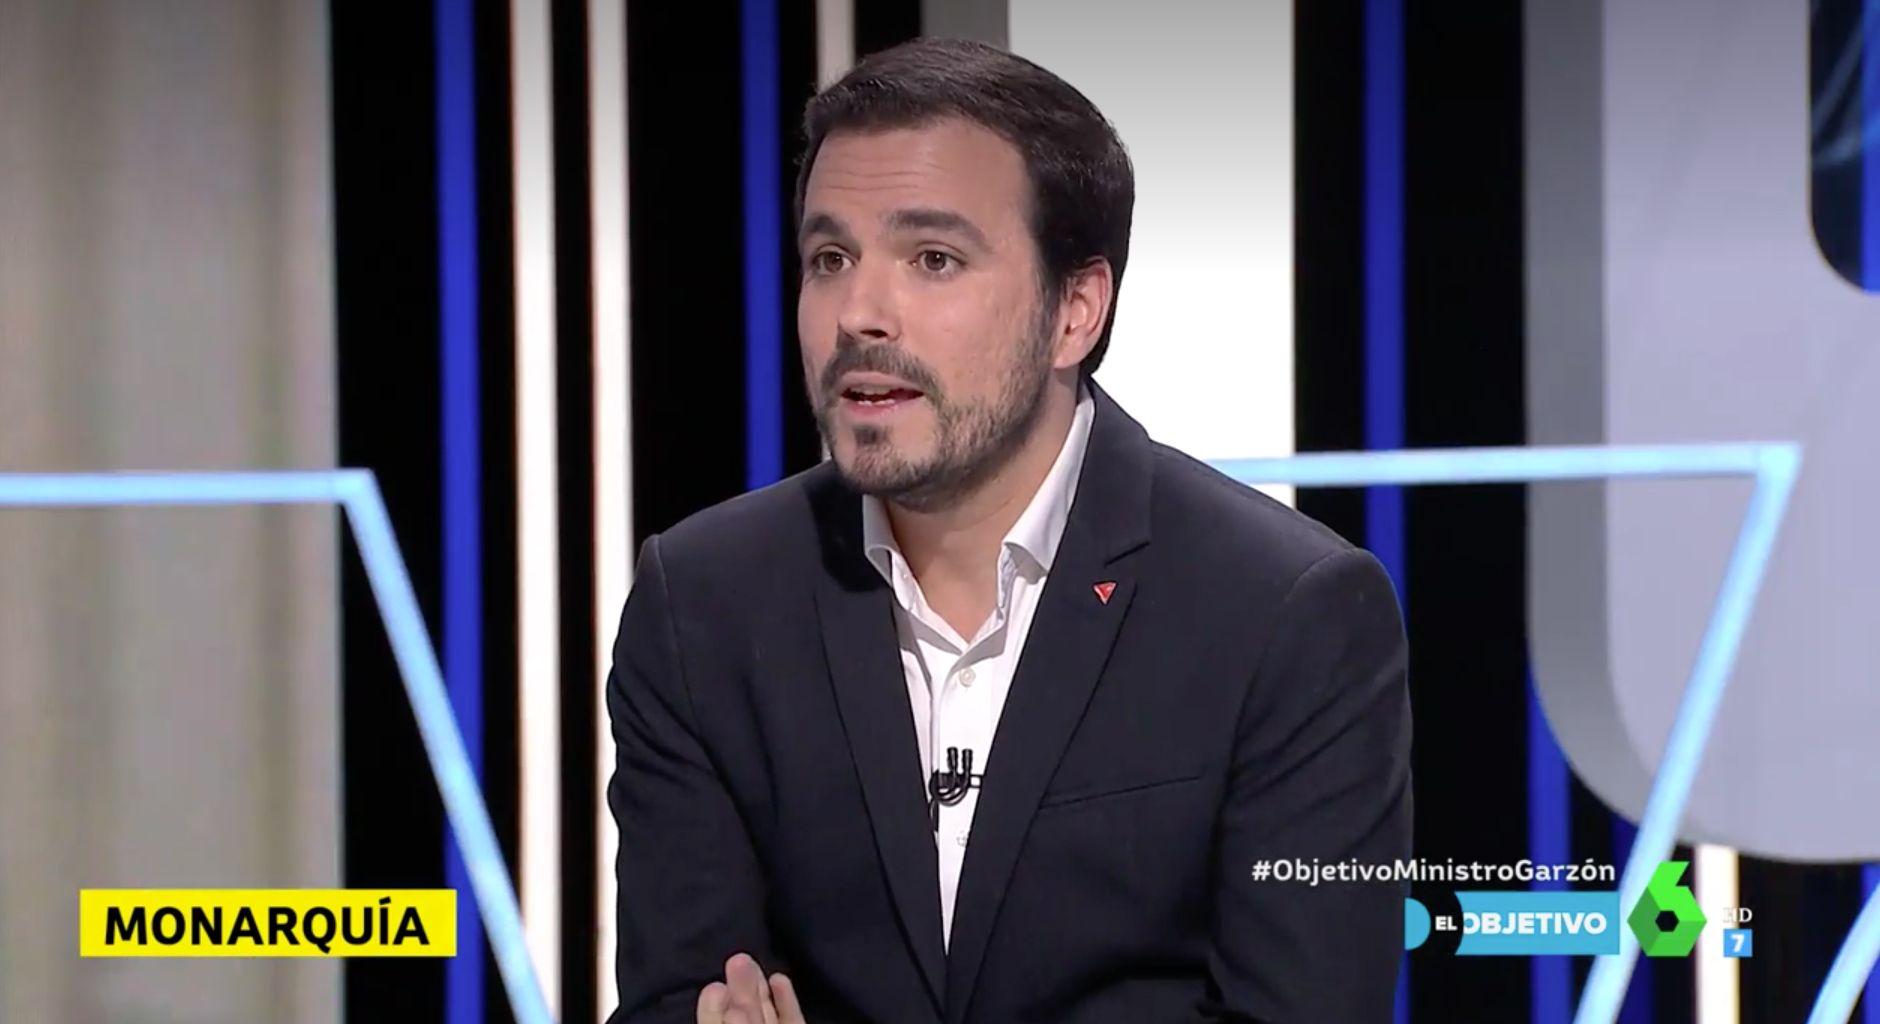 Alberto Garzón habla del motivo por el que no llamó 'ciudadano Felipe de Borbón' al rey al prometer el cargo